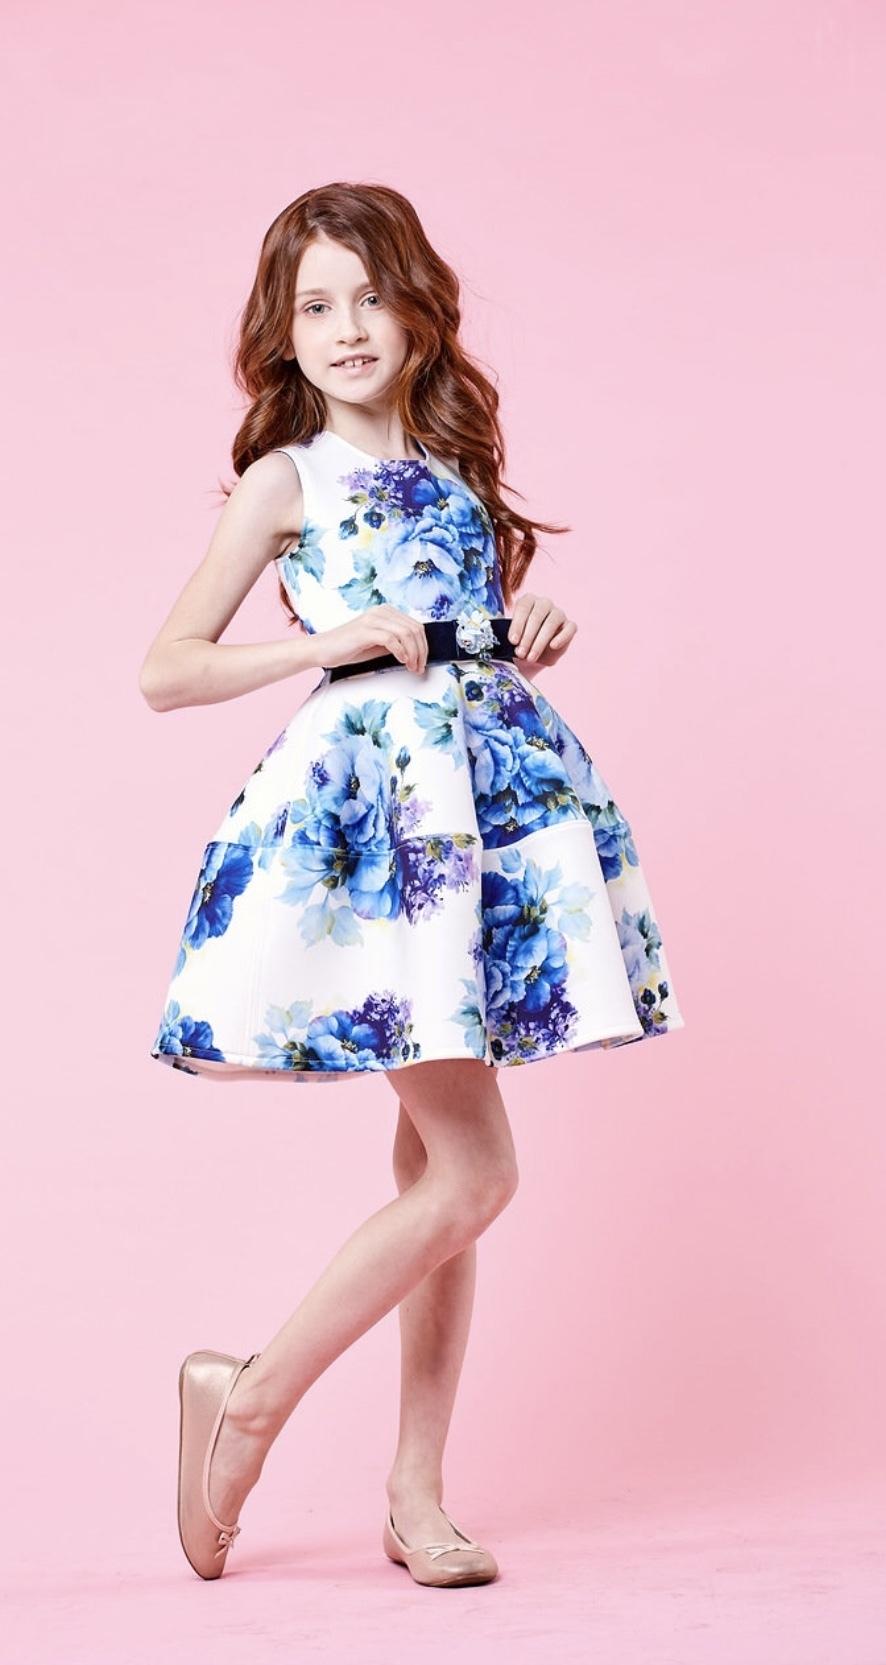 Платье Blue flowers New 1301-68